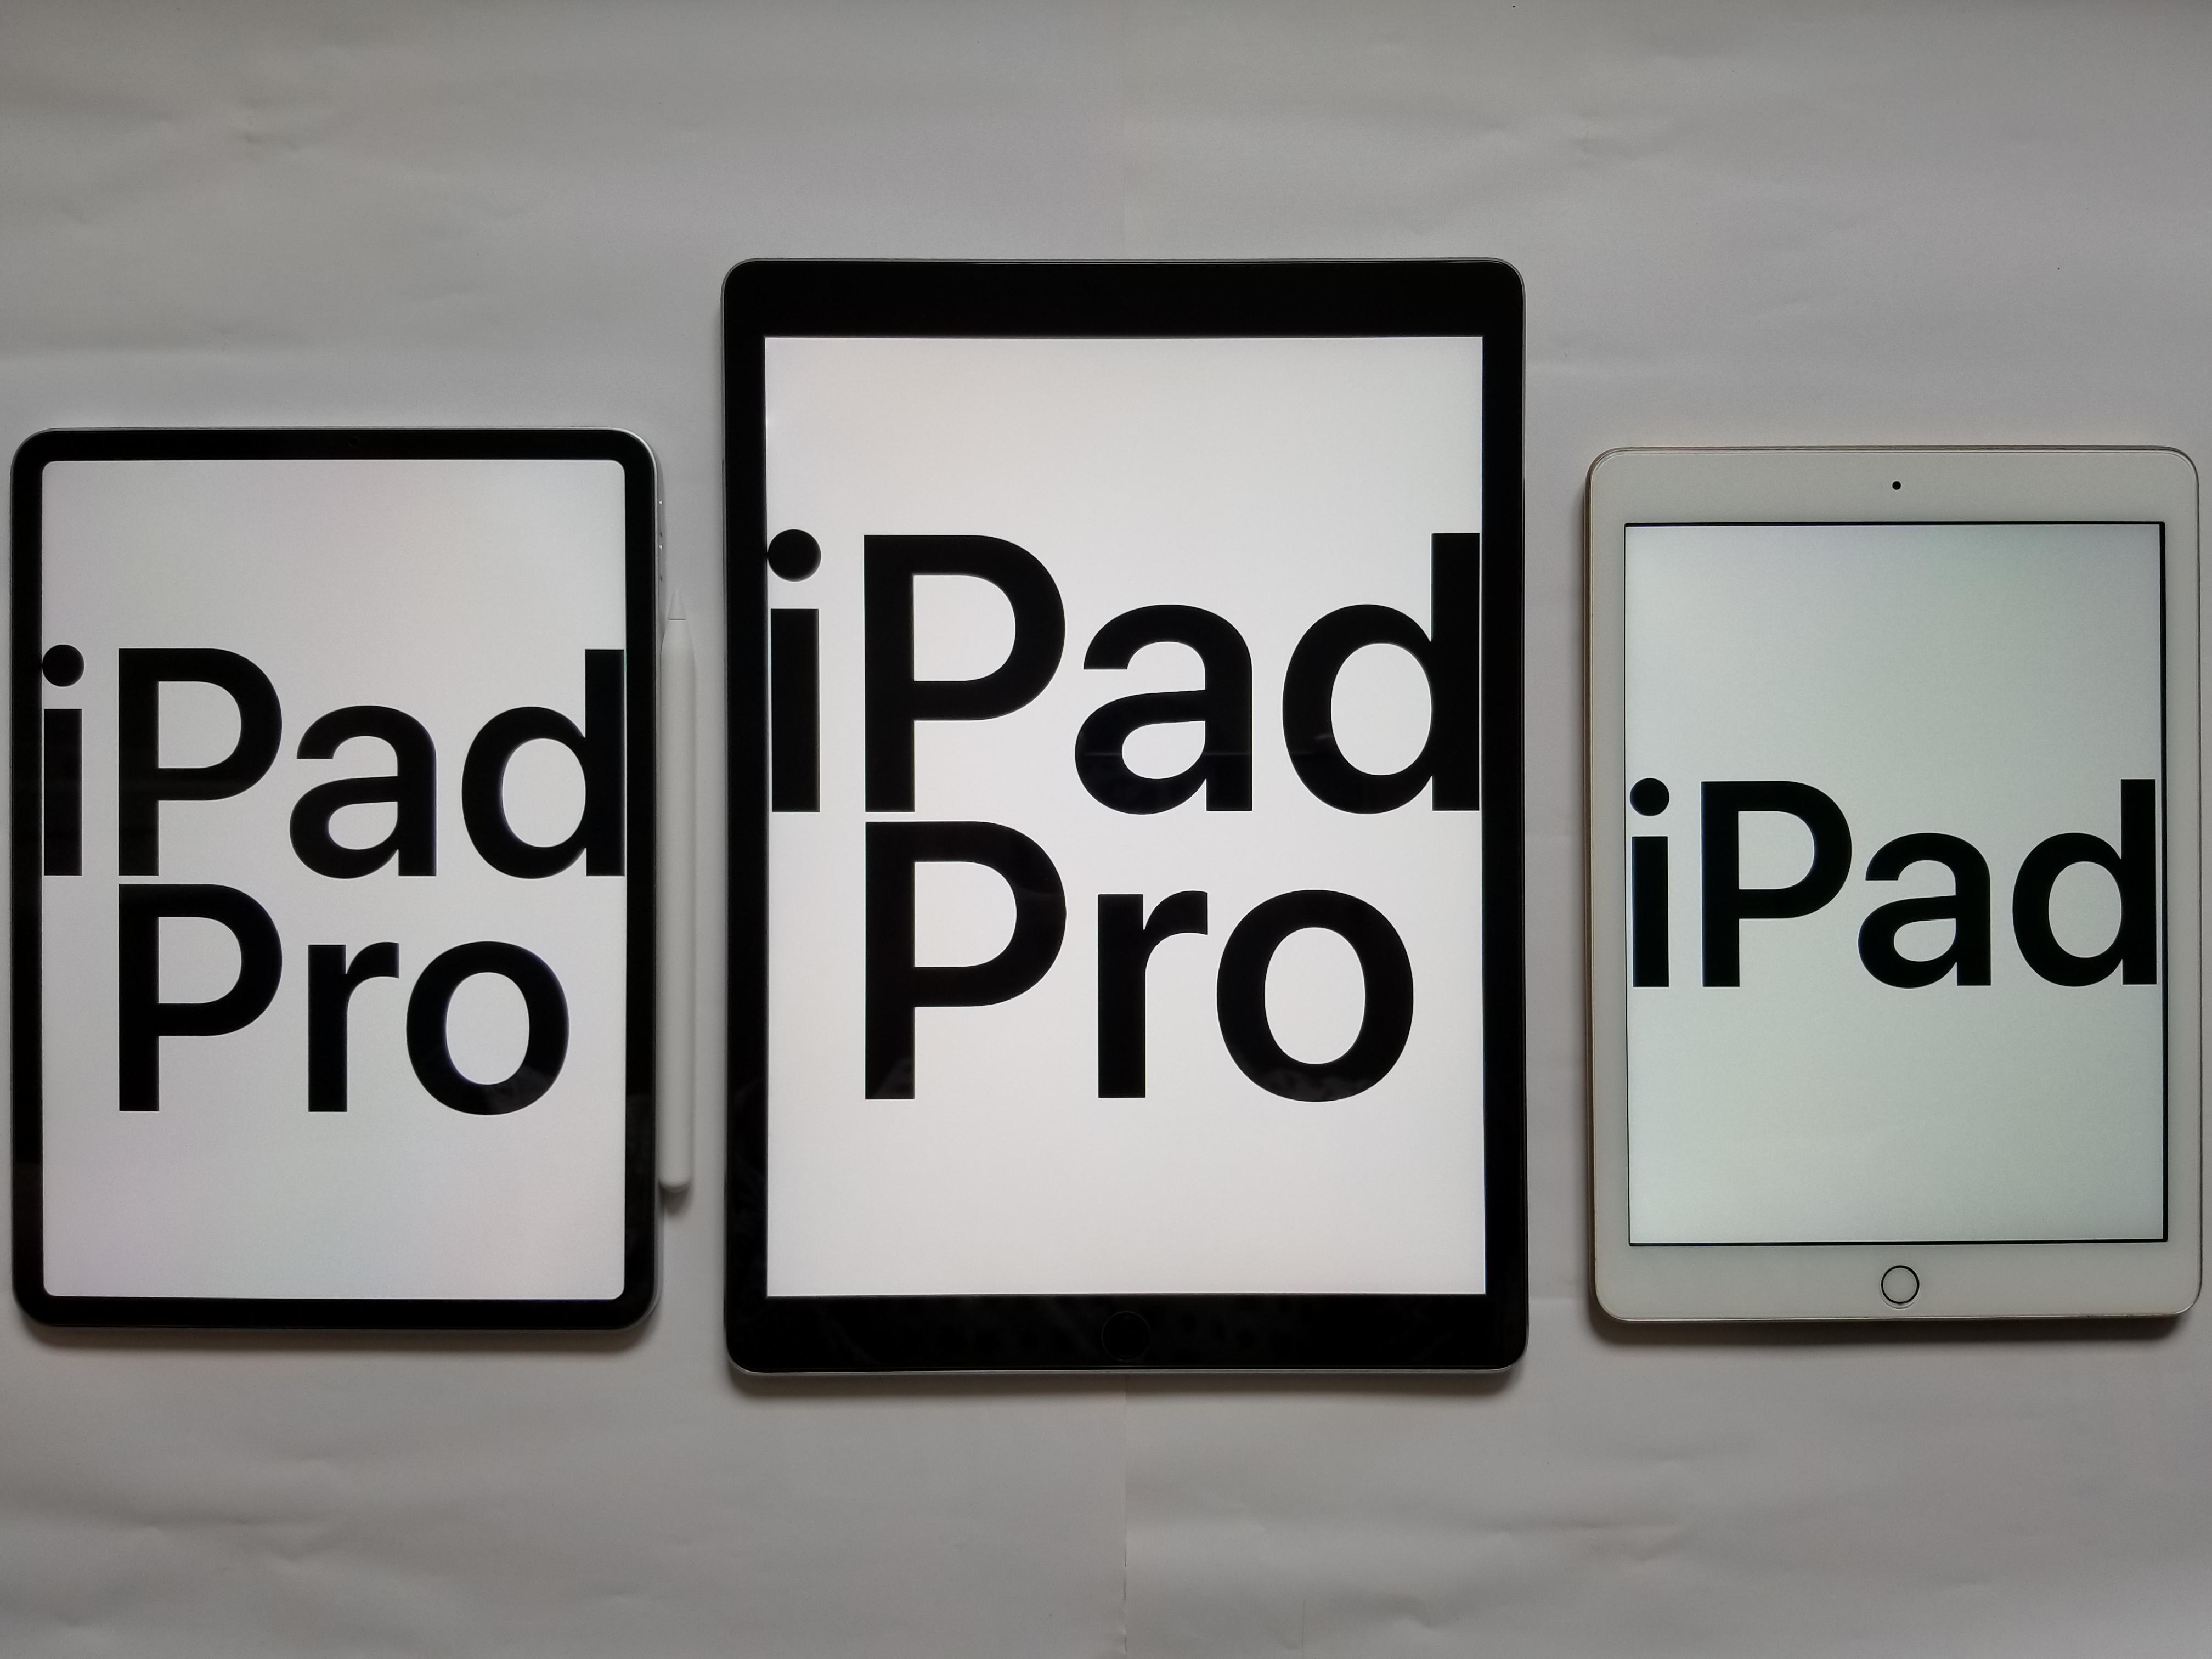 bddb280cc56 iPad - Wikipedia, la enciclopedia libre